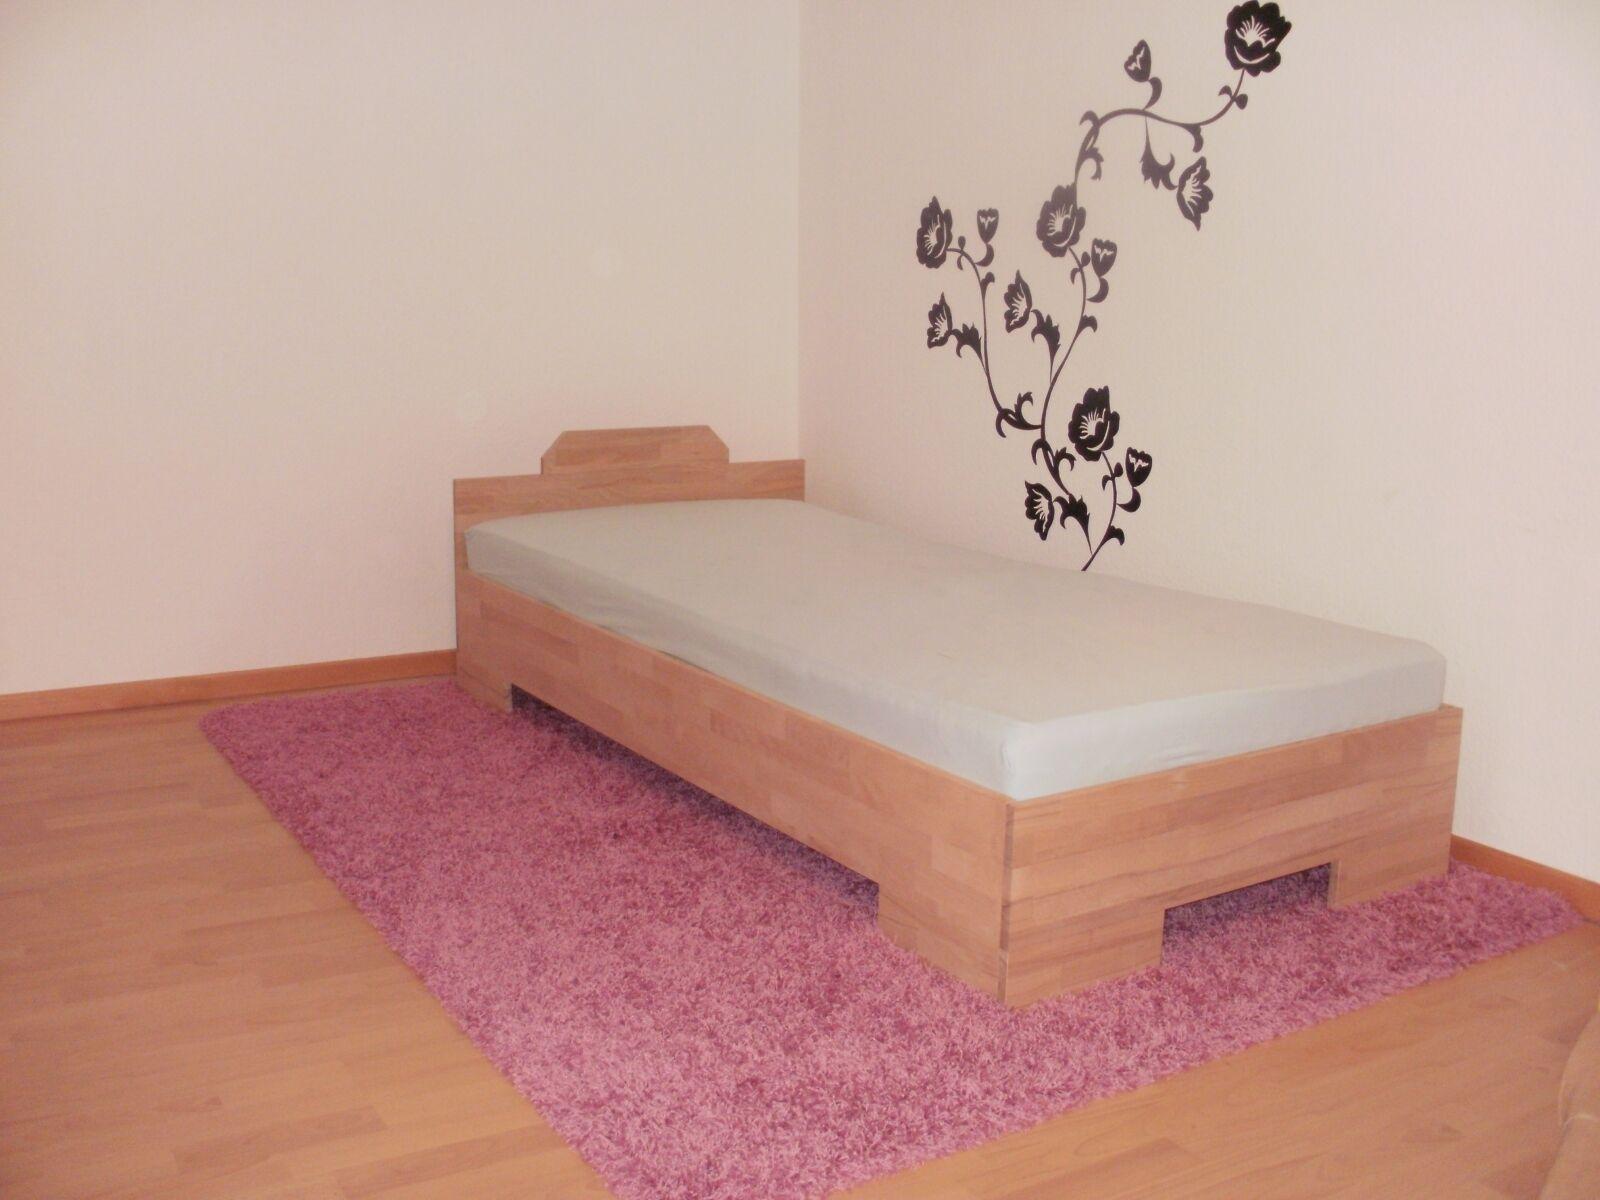 27mm vollholzbett echtholzbett massivholzbett 90x200 einzelbett kinderbett fu ii eur 185 00. Black Bedroom Furniture Sets. Home Design Ideas